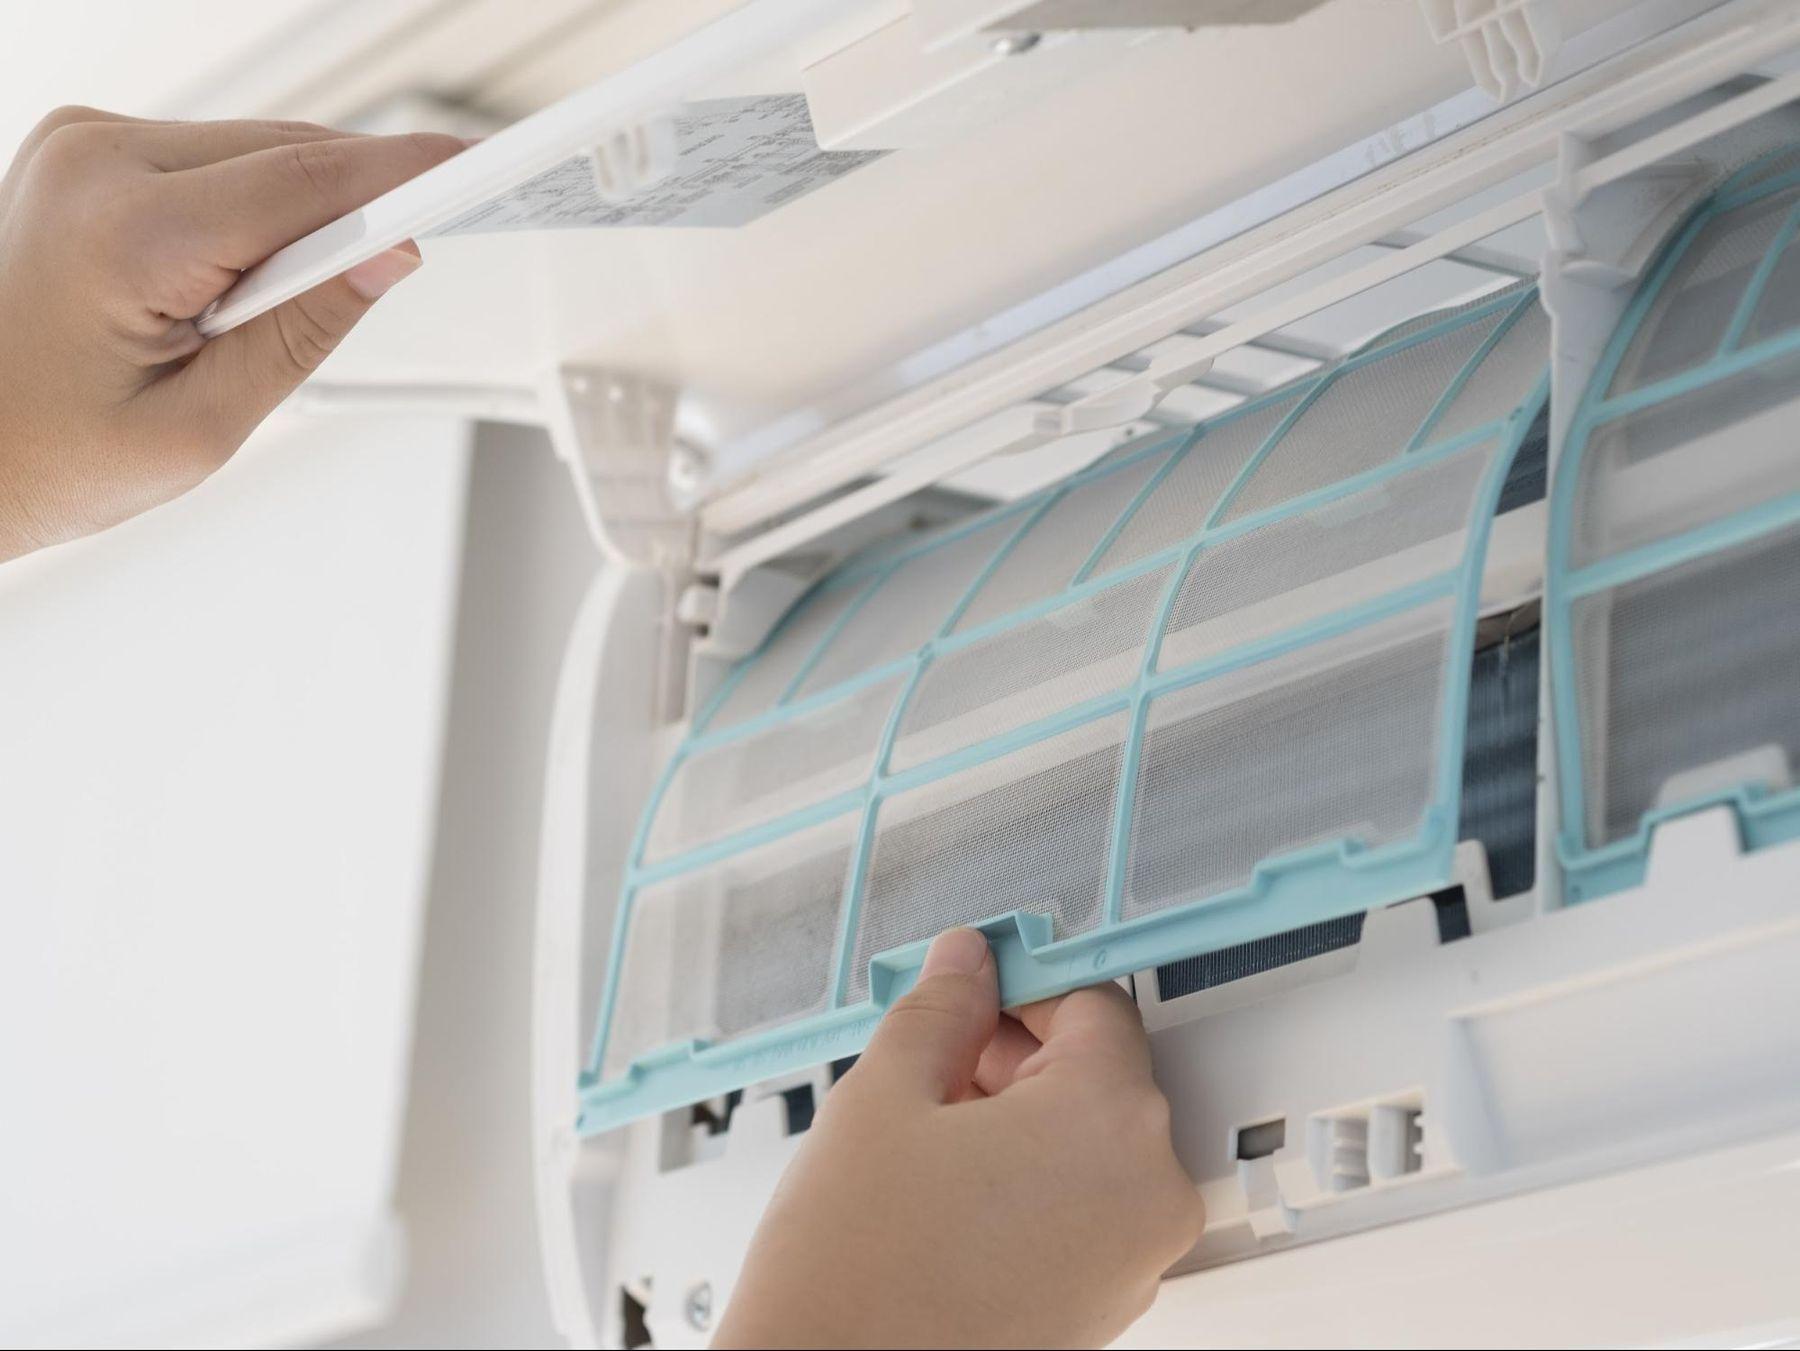 Step 5: Pessoa recolocando o filtro do ar condicionado